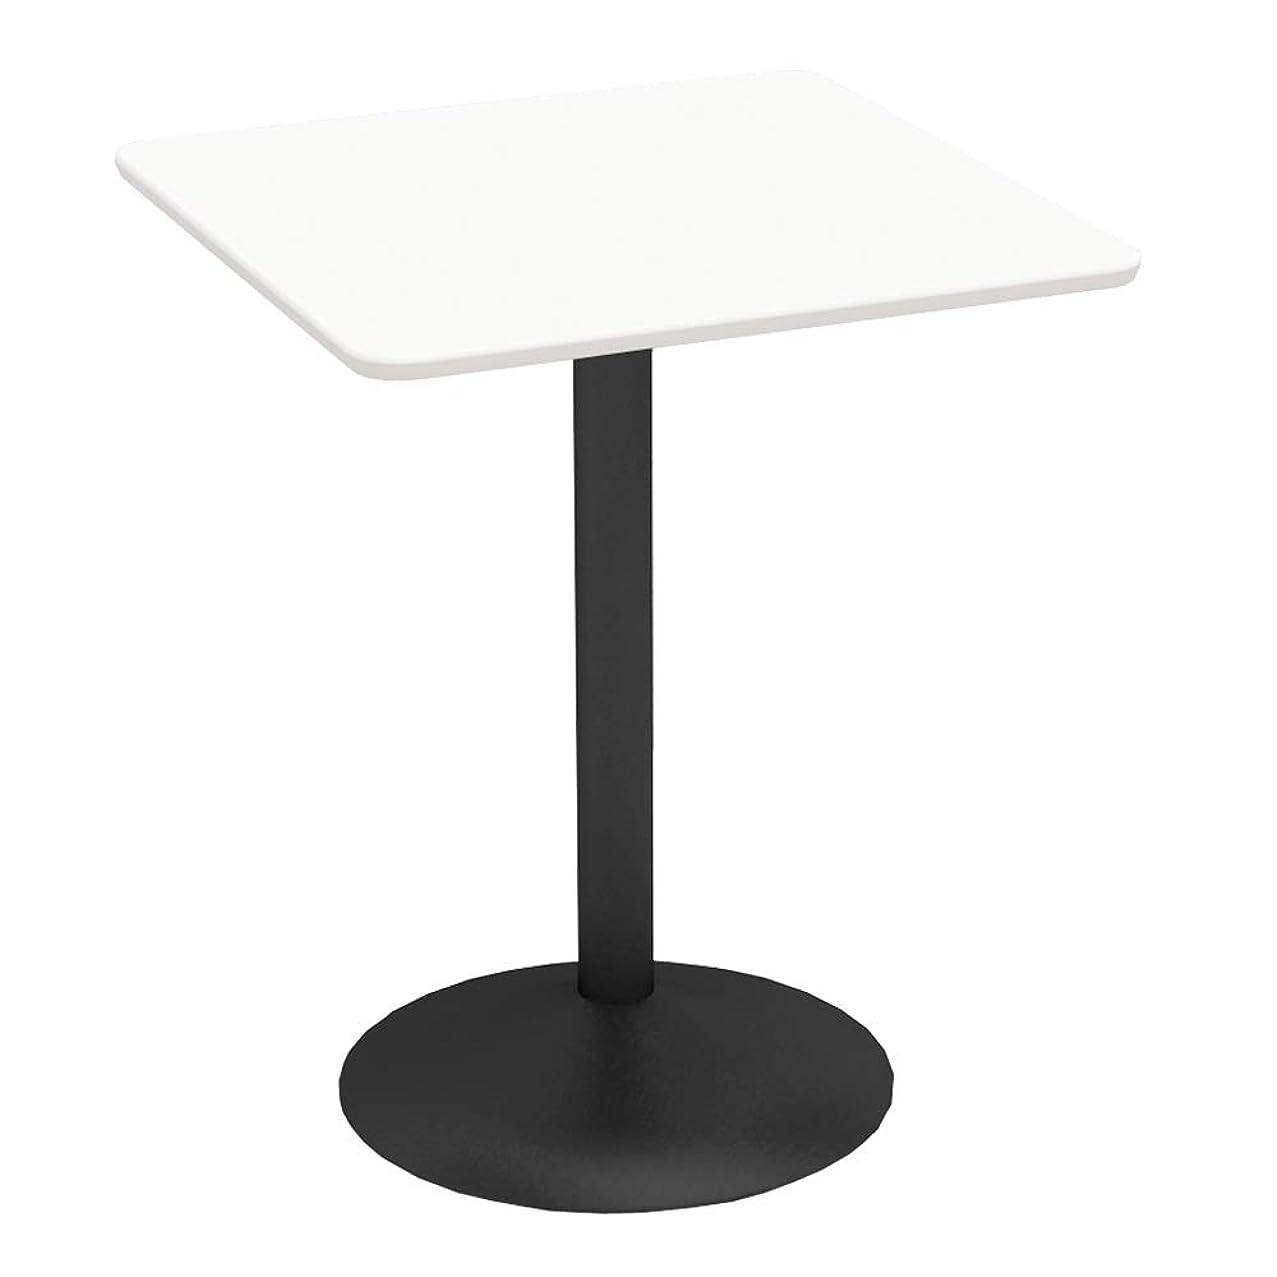 タッチ委員会閲覧するカフェテーブル 600□天板 スチール脚ブラック軽量 ホワイト木目